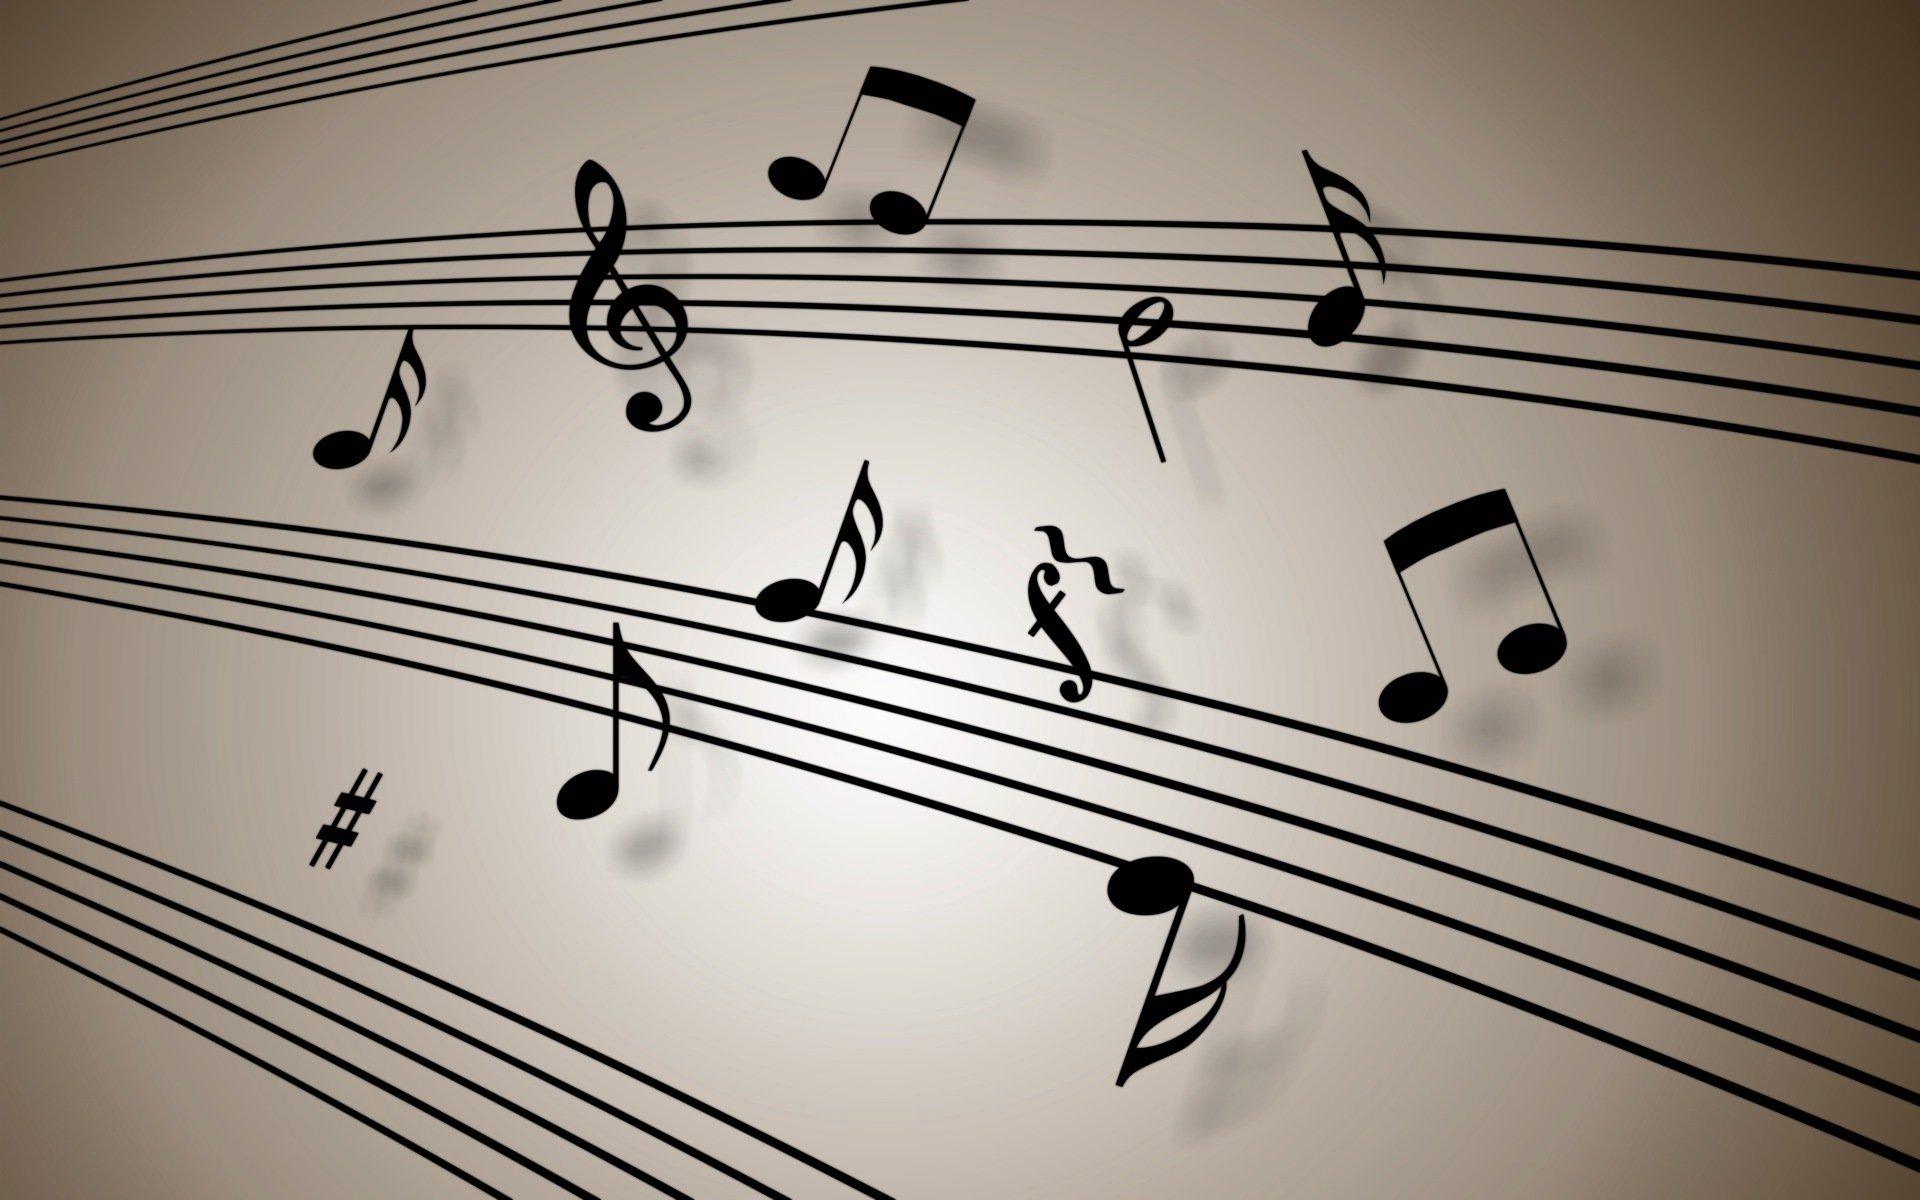 ноты картинки или фото музыкальные